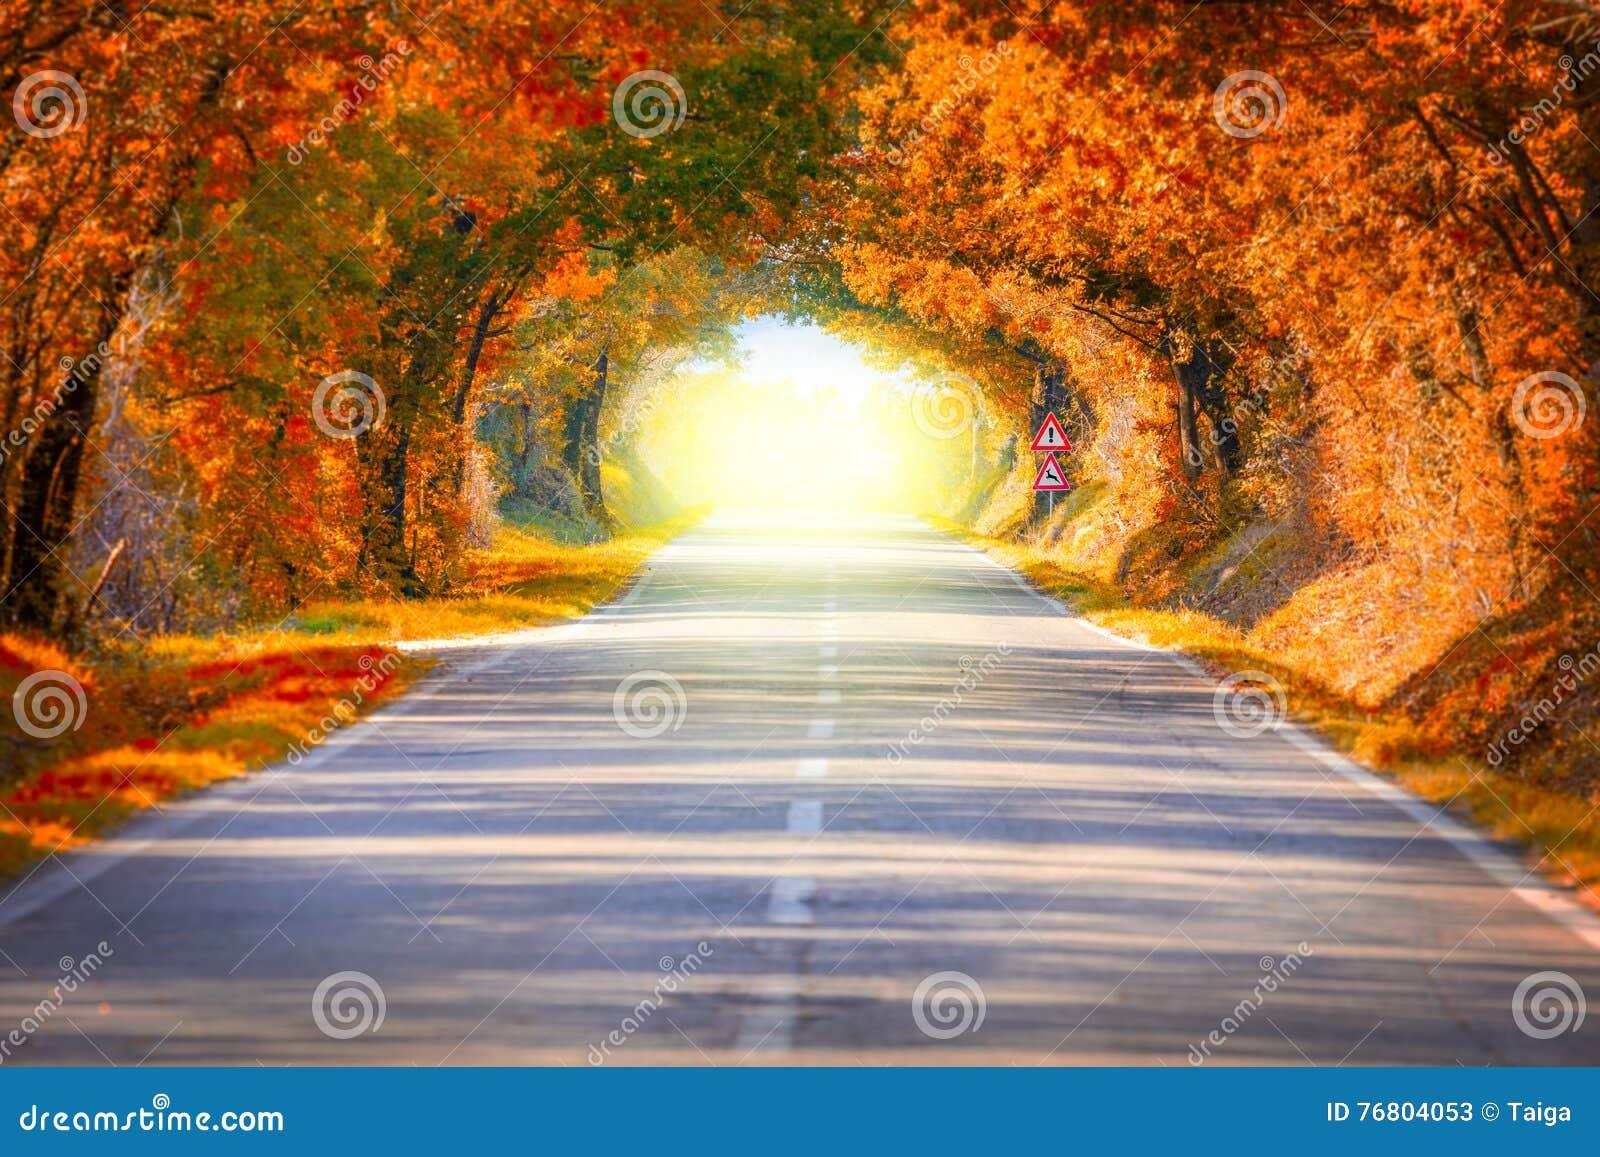 Paisaje de Autumn Fall Road - el tunne y la magia de los árboles se encienden